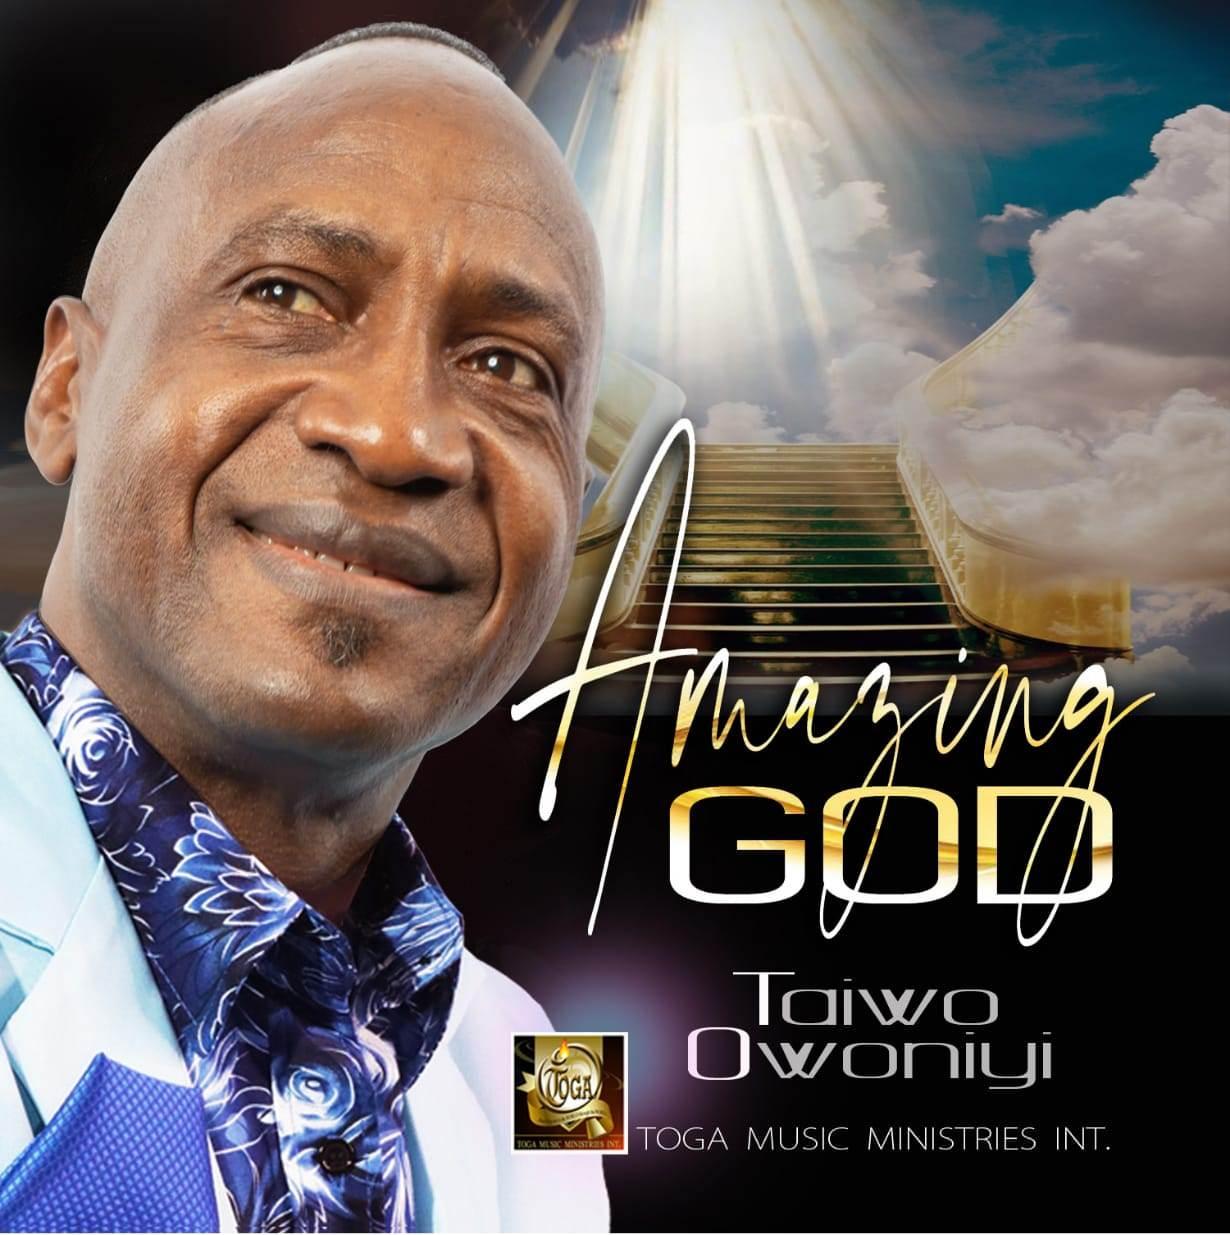 Taiwo Owoniyi Amazing God